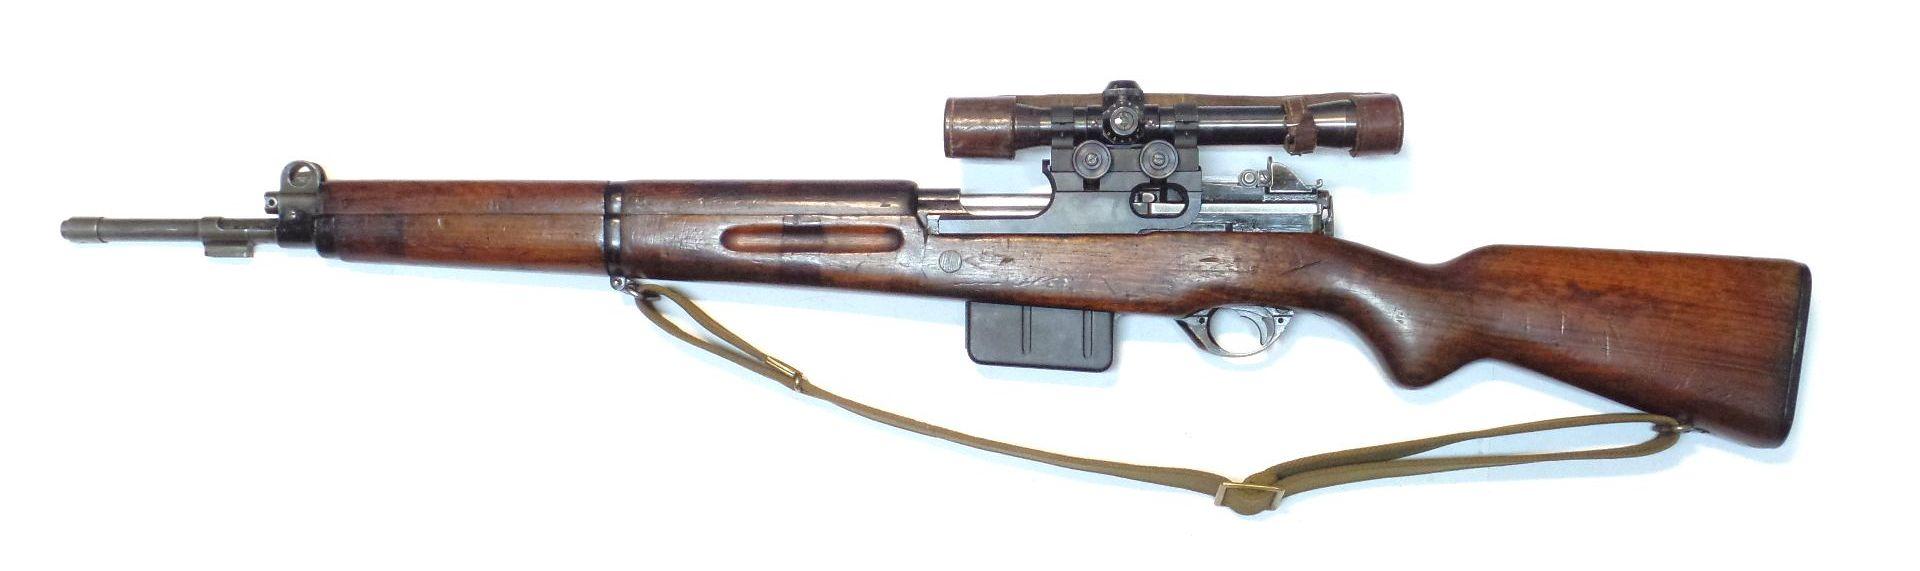 SAFN 49 calibre 30-06